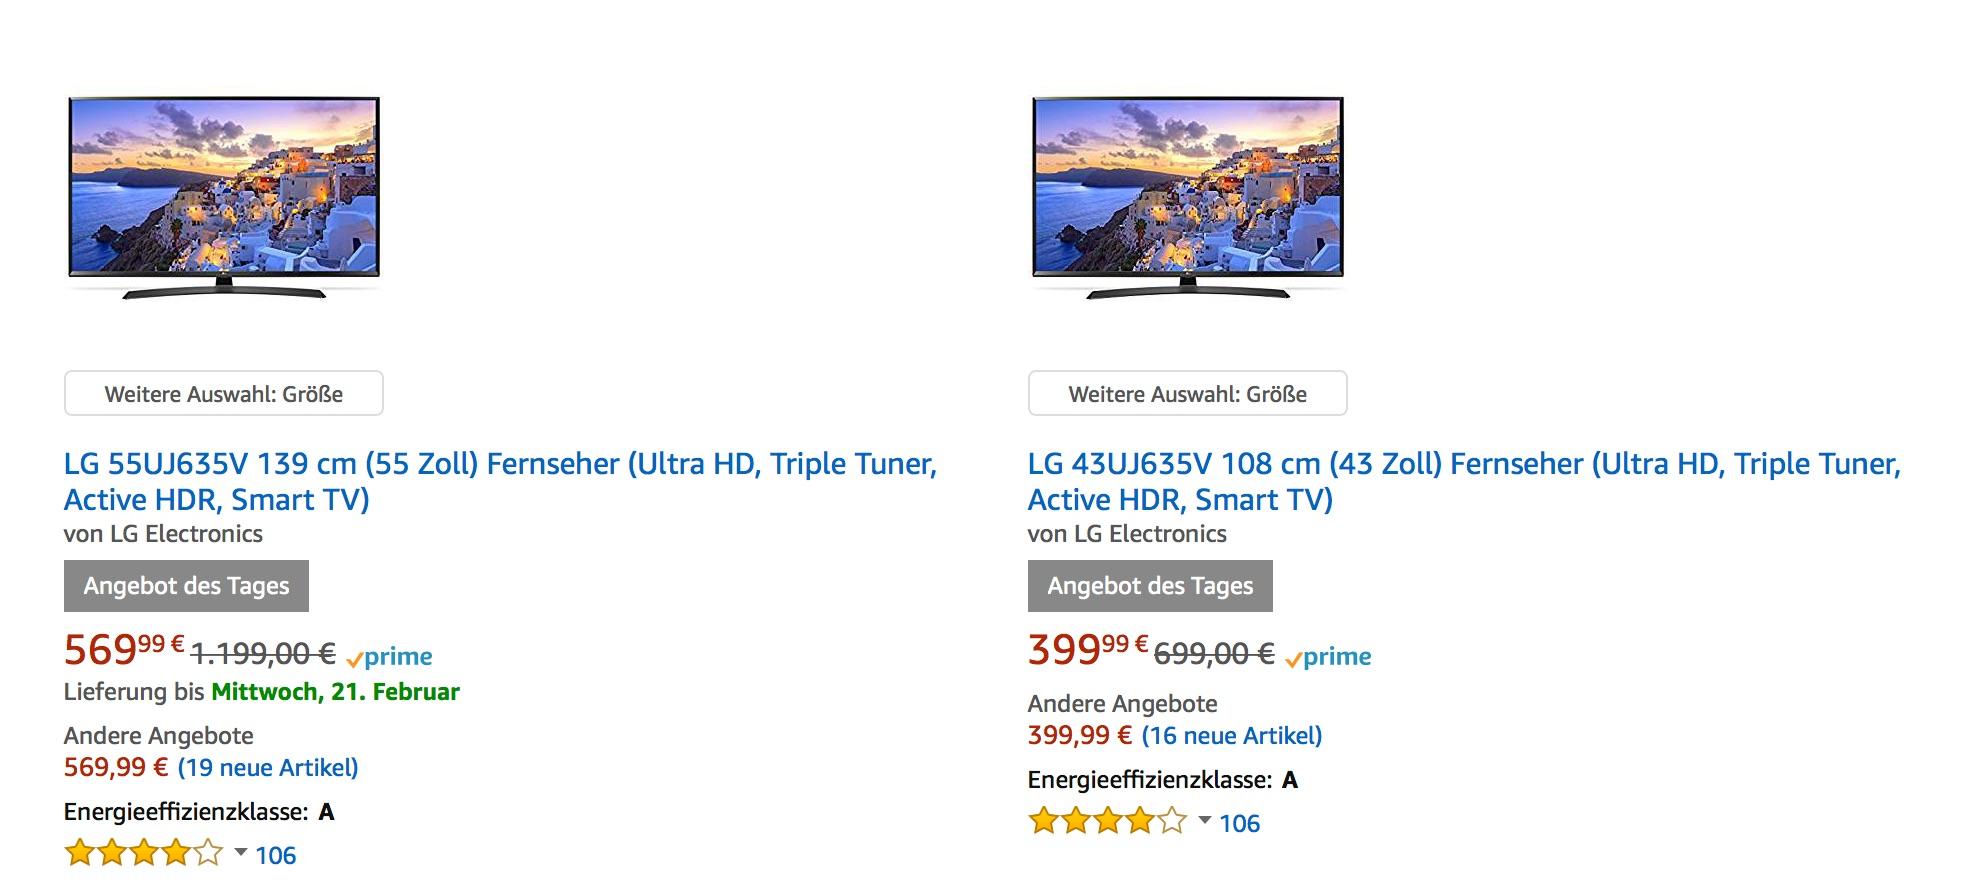 amazon led tv gutschein amazon 20 euro gutschein f r apps. Black Bedroom Furniture Sets. Home Design Ideas